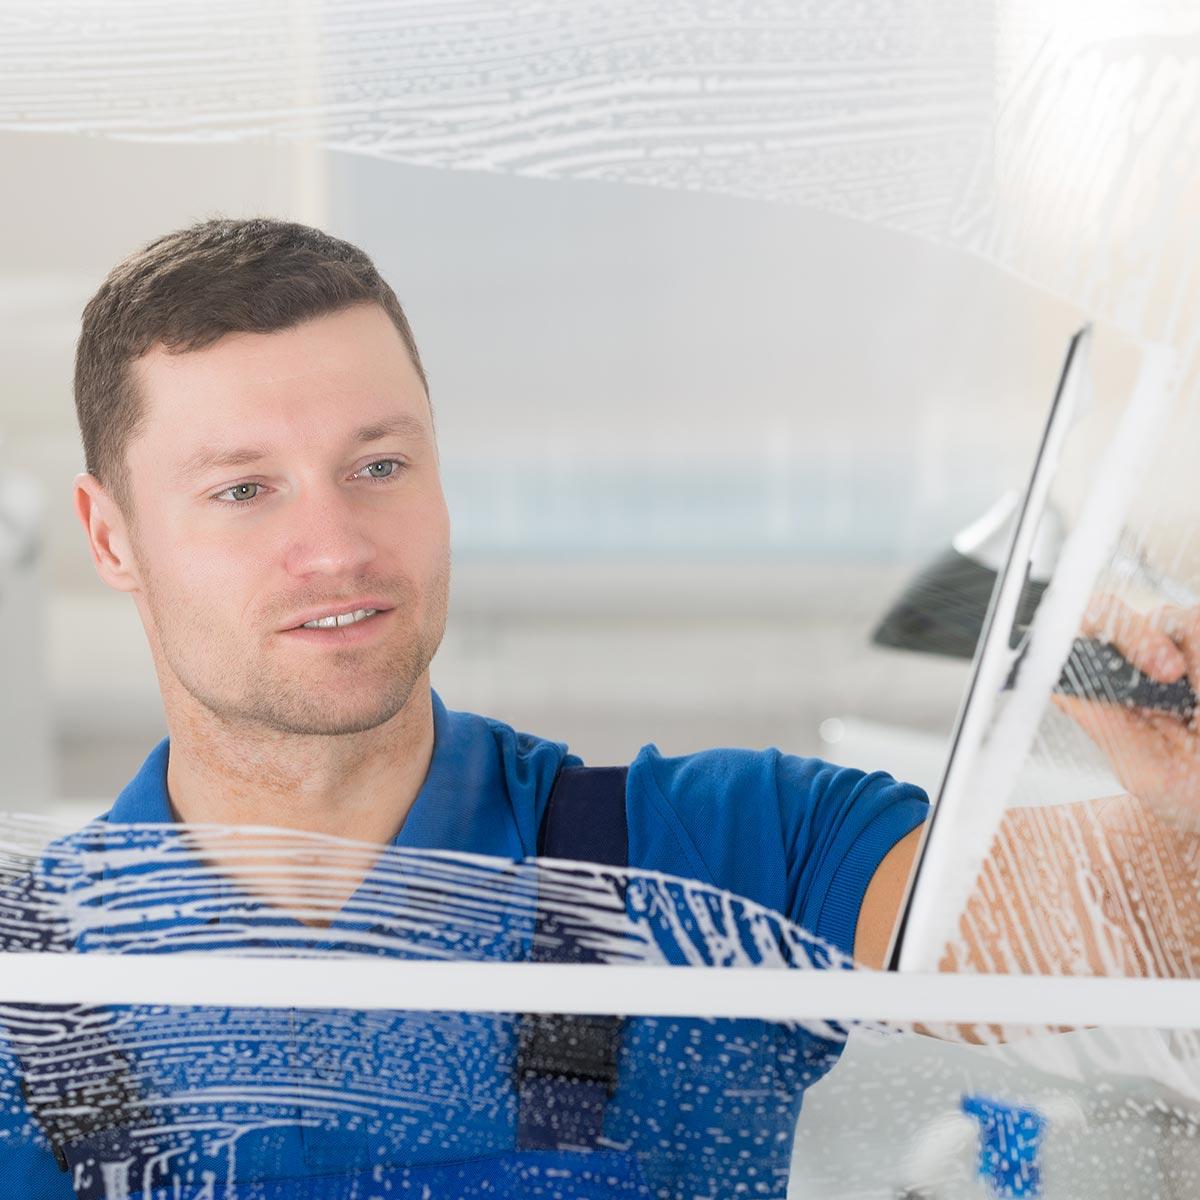 Fensterreinigung und Glasreinigung durch den zuverlässigen Fensterputzer der AND GmbH.